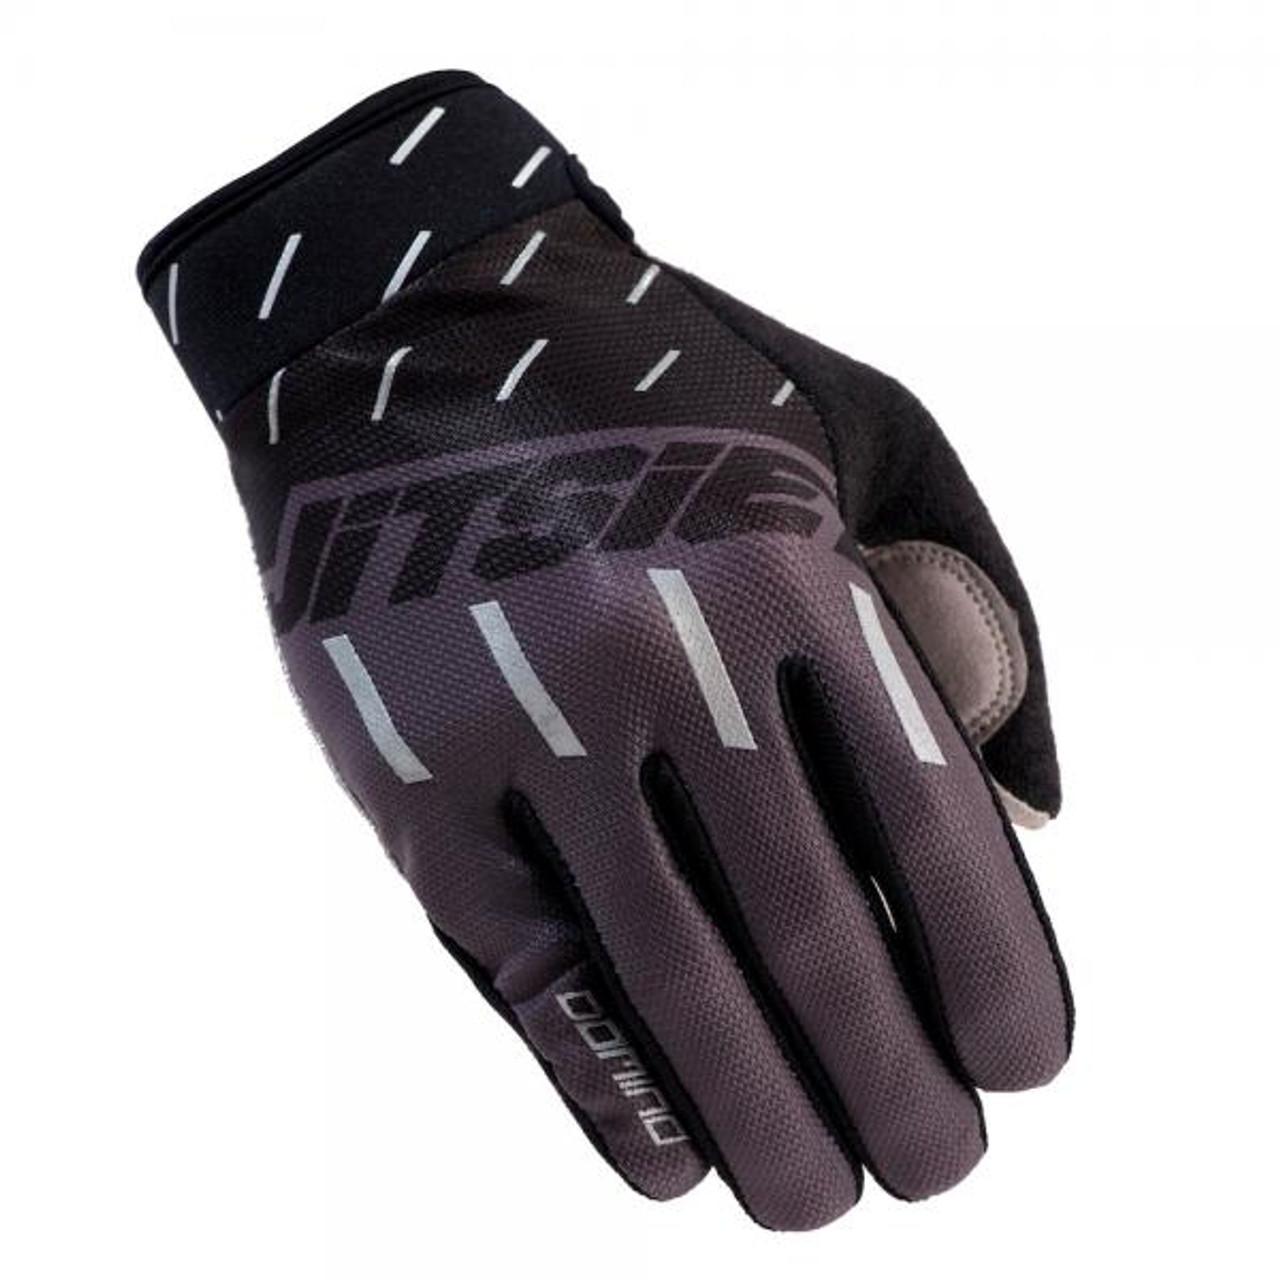 Gloves Domino, black/ grey/ silver